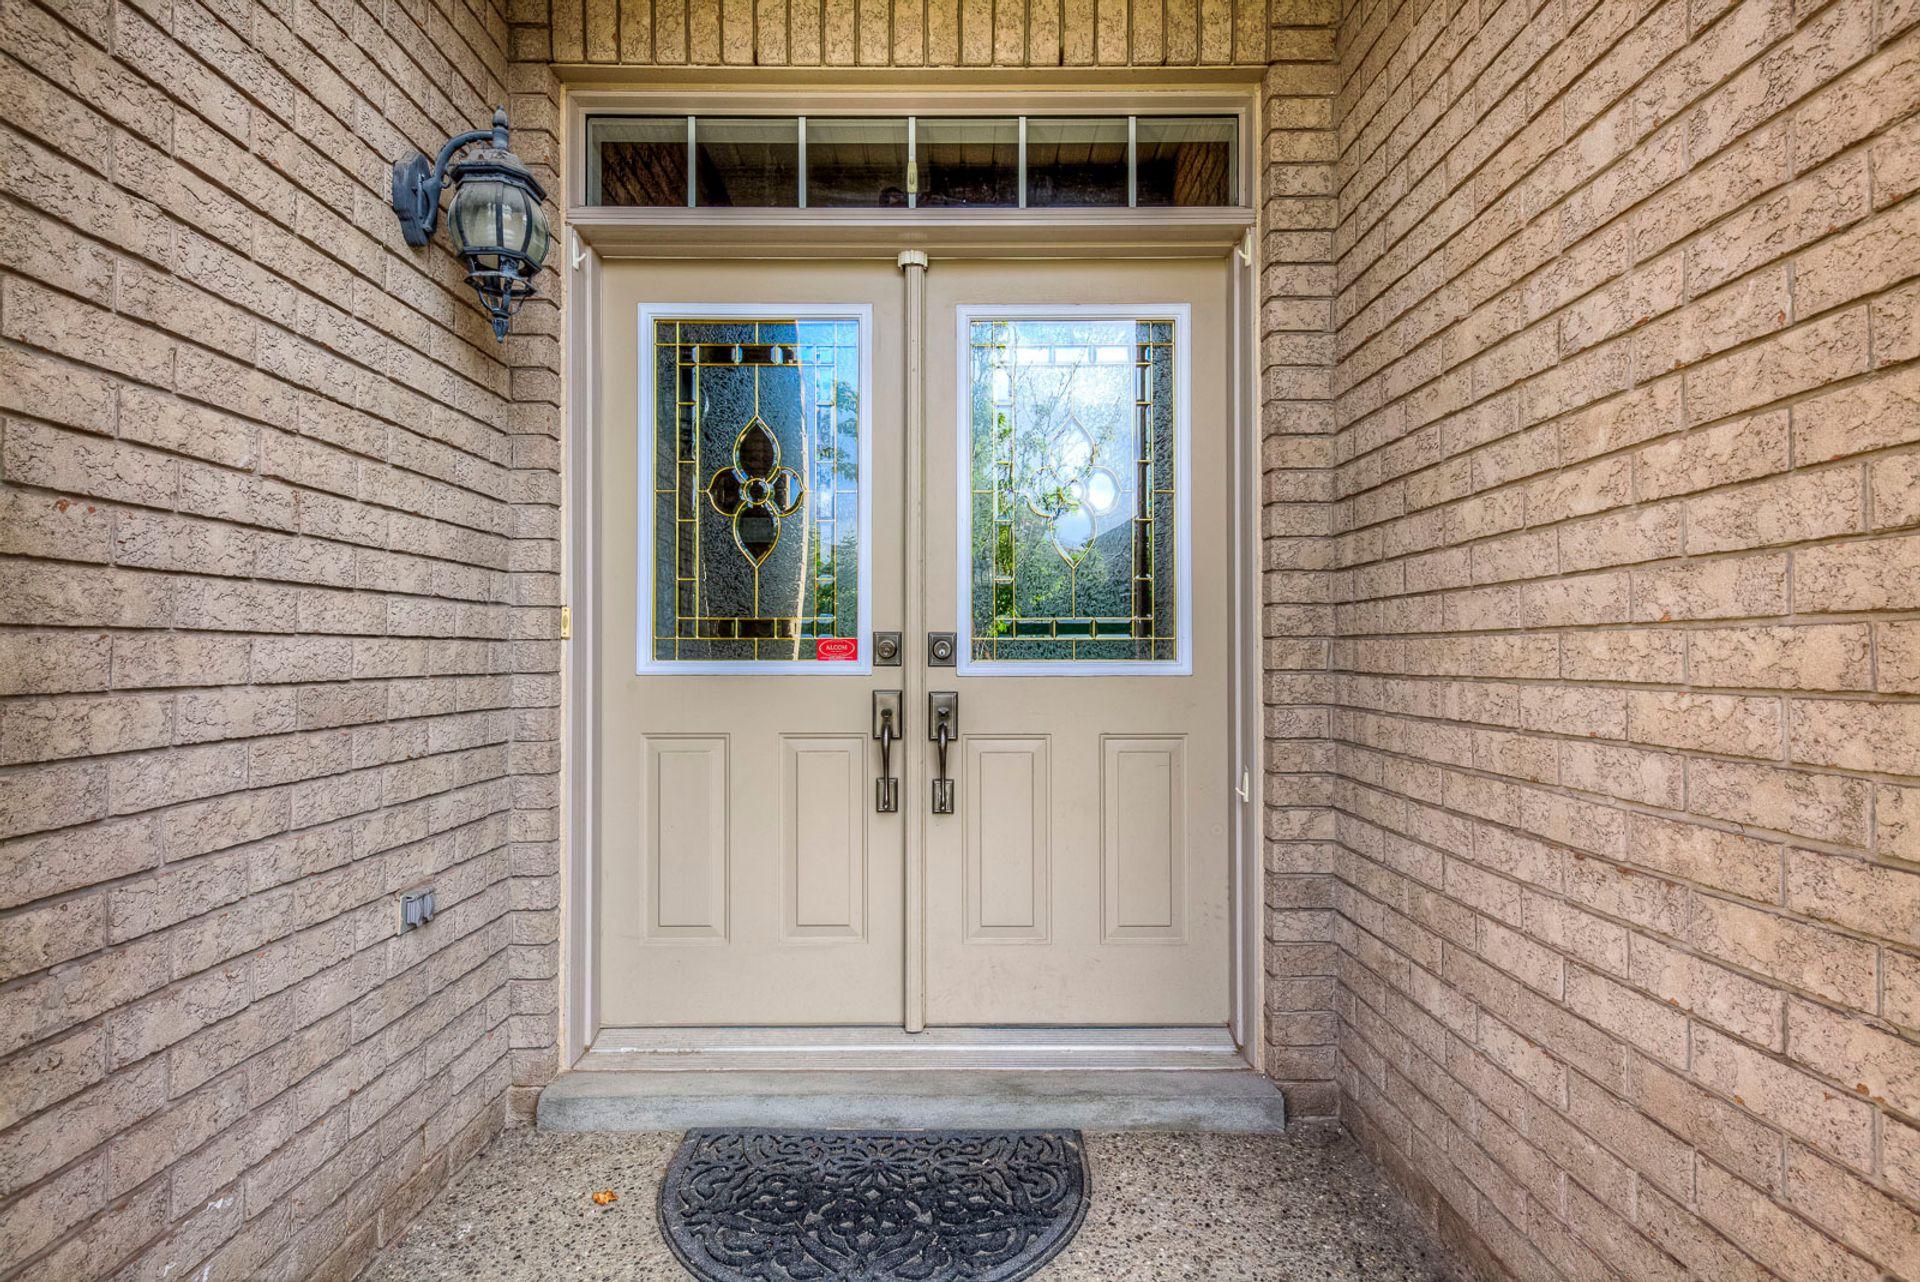 Porch - 12-2254 Rockingham Dr, Oakville at 12 - 2254 Rockingham Drive, Iroquois Ridge North, Oakville